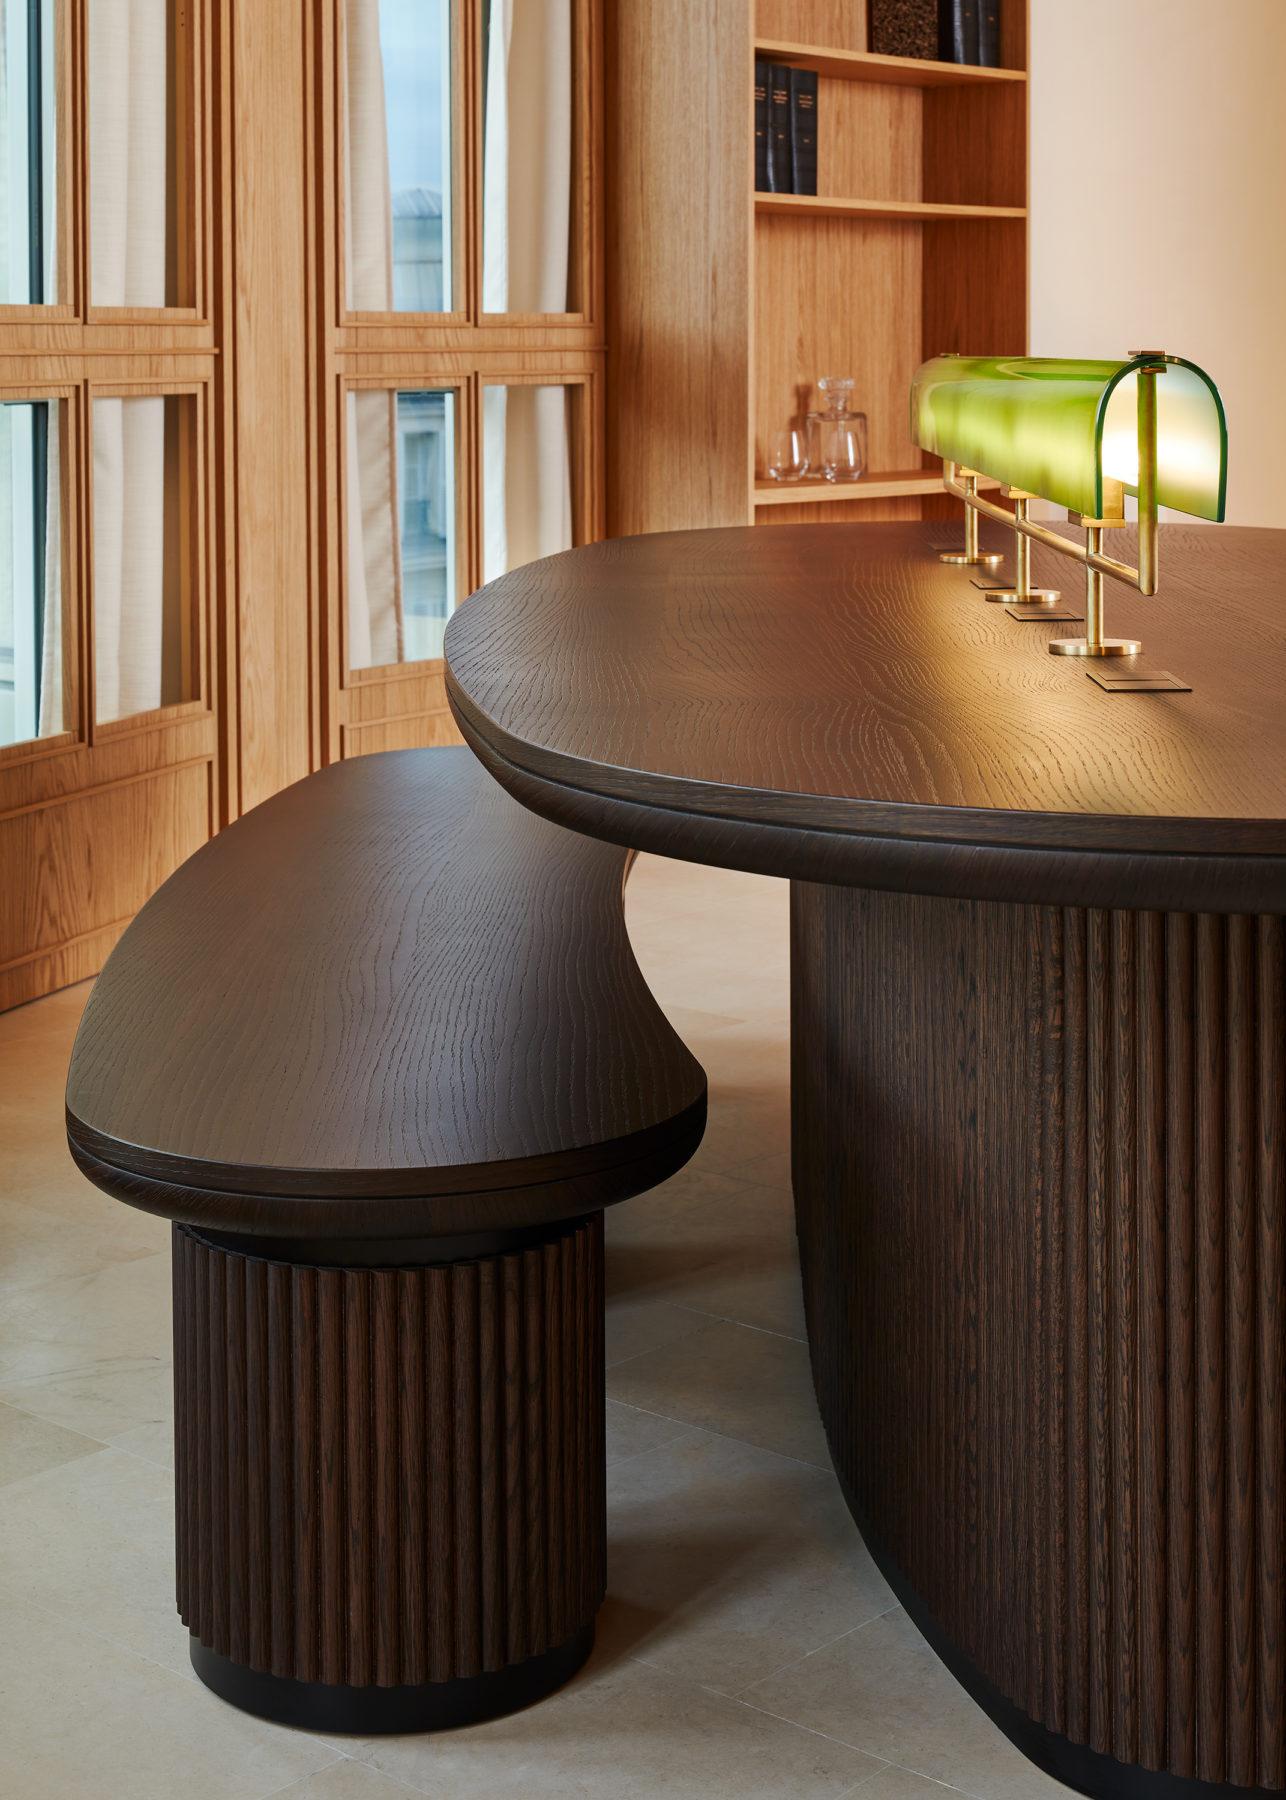 Banc et bureau en noyer cannelé, bibliothèque en chêne, lampe de banquier en verre soufflé Murano vert et laiton